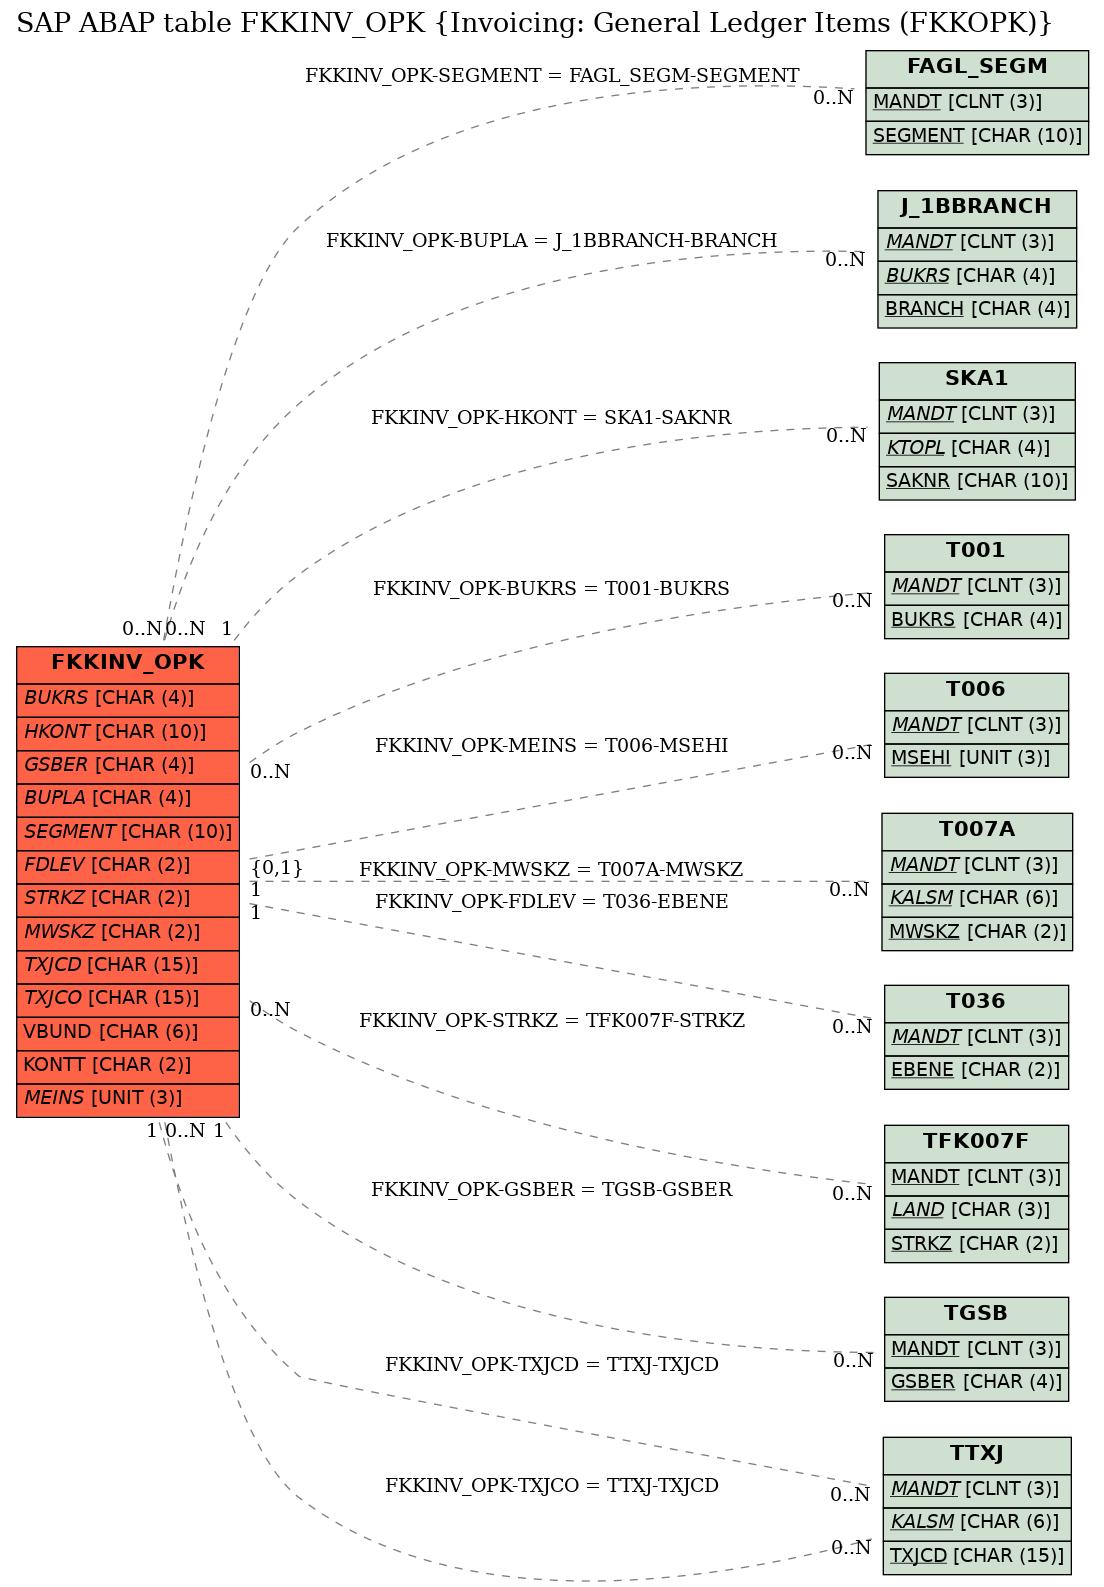 E-R Diagram for table FKKINV_OPK (Invoicing: General Ledger Items (FKKOPK))